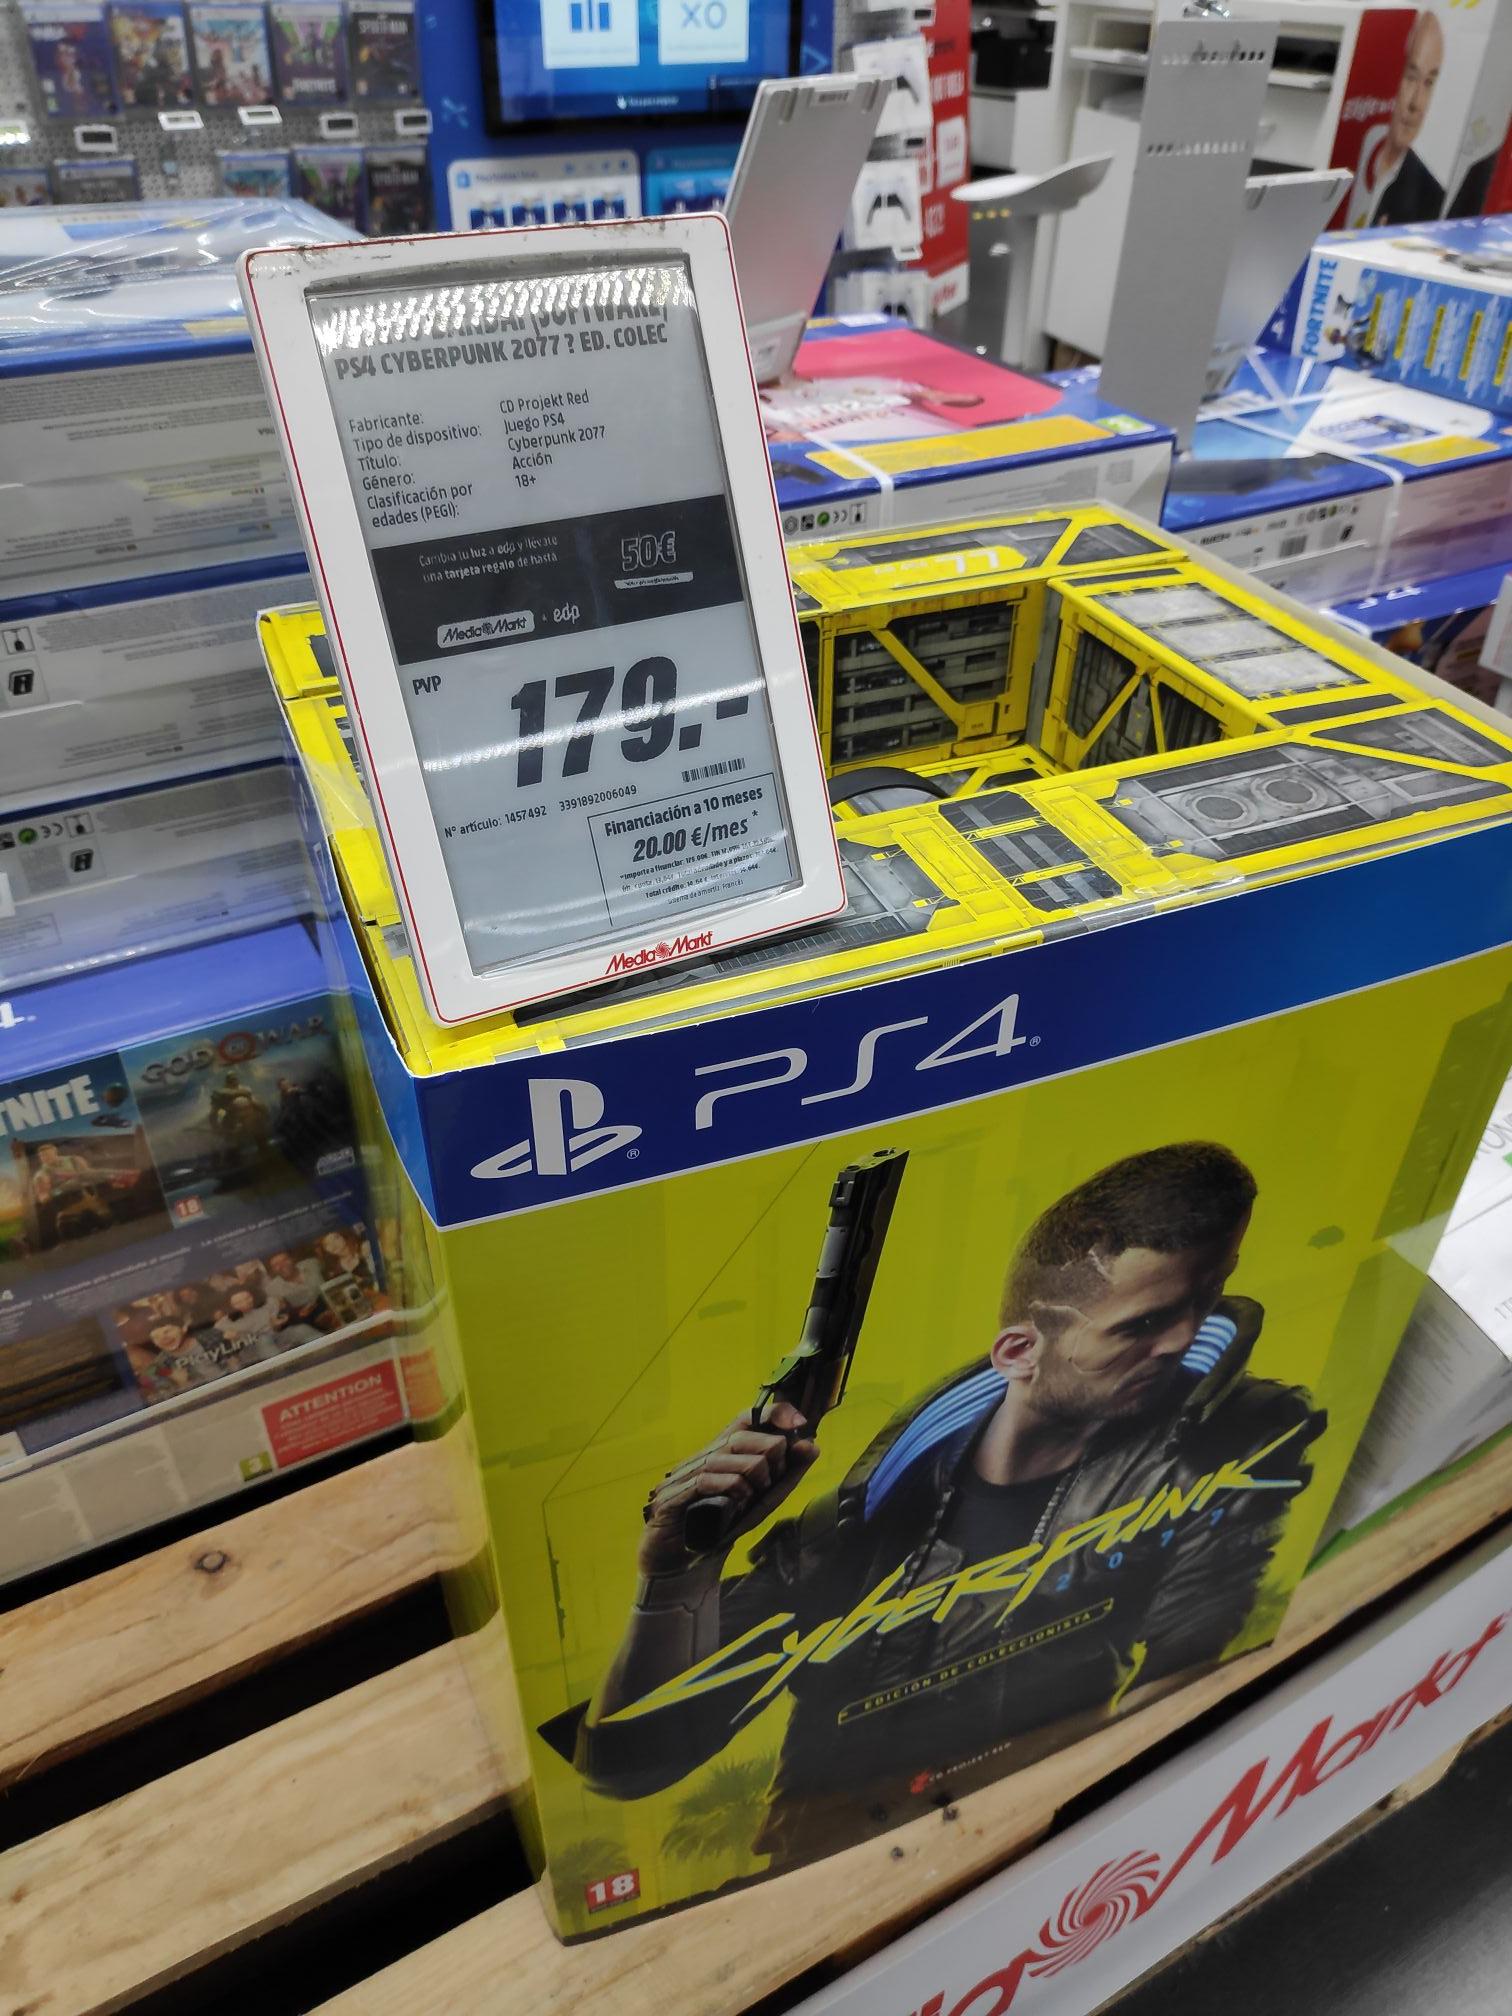 Cyberpunk PS4 Edición Coleccionista (Canarias) en Mediamarkt de Tenerife 3 de Mayo